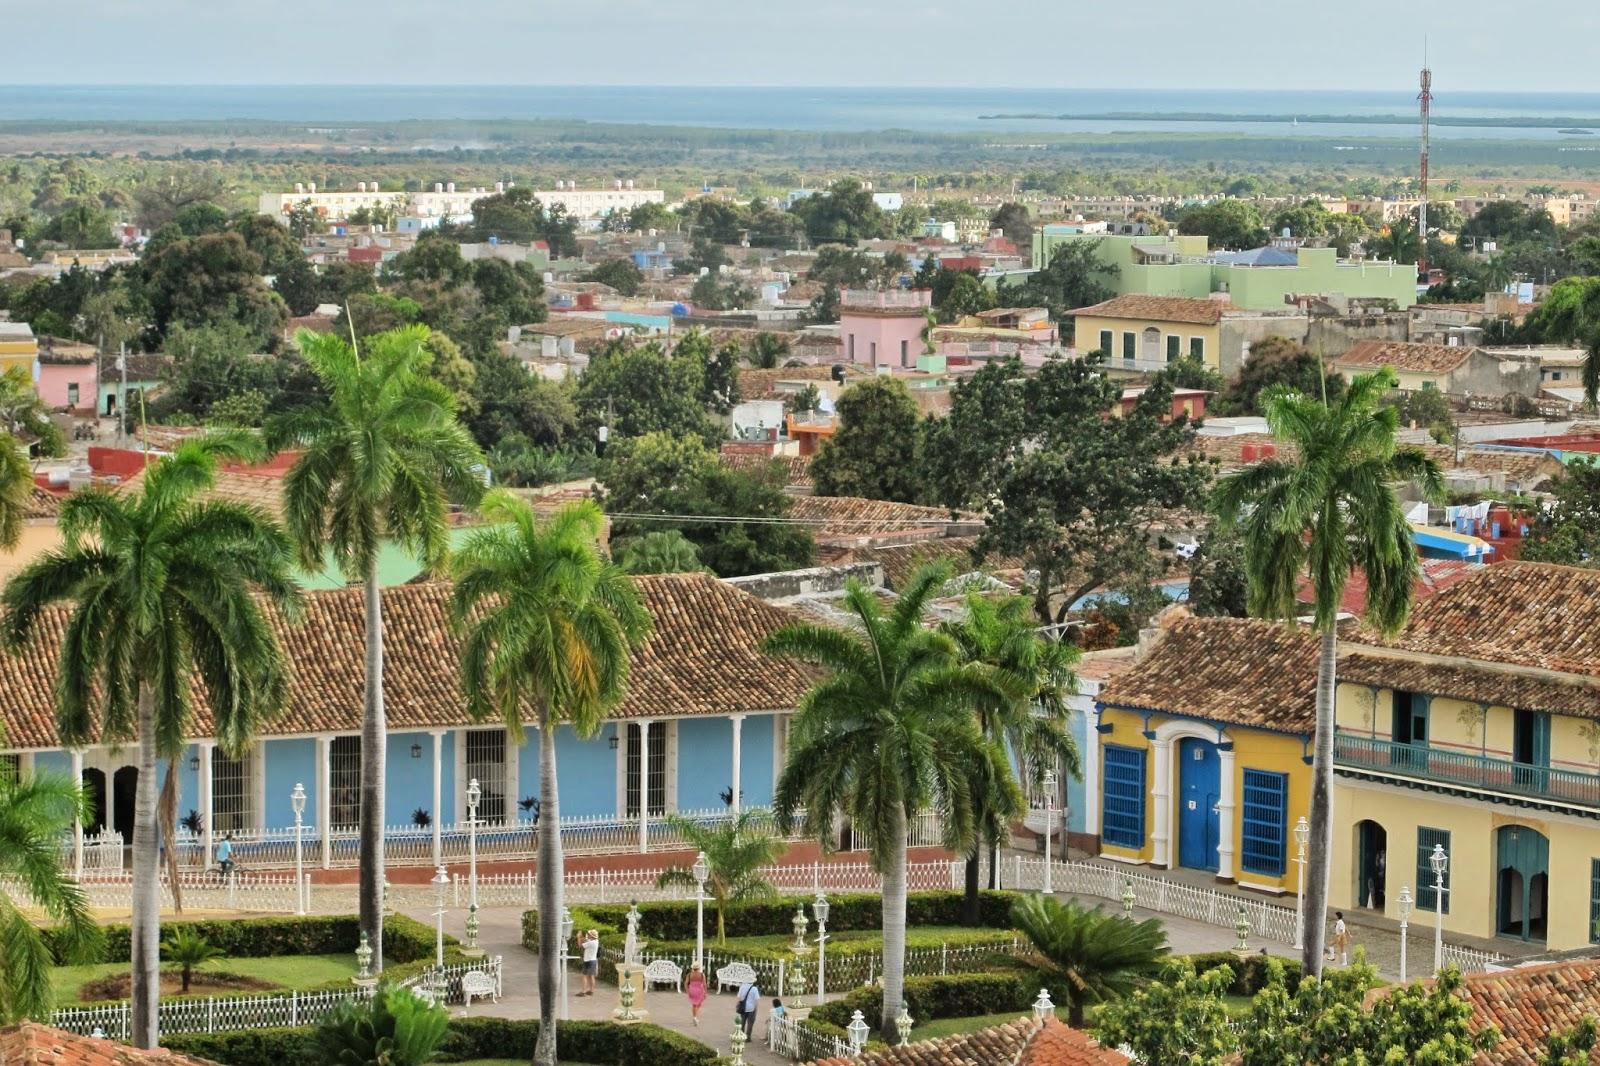 Plaza MAyor, vista do campanário do antigo mosteiro, no Centro histórico de Trinidad, em Cuba.